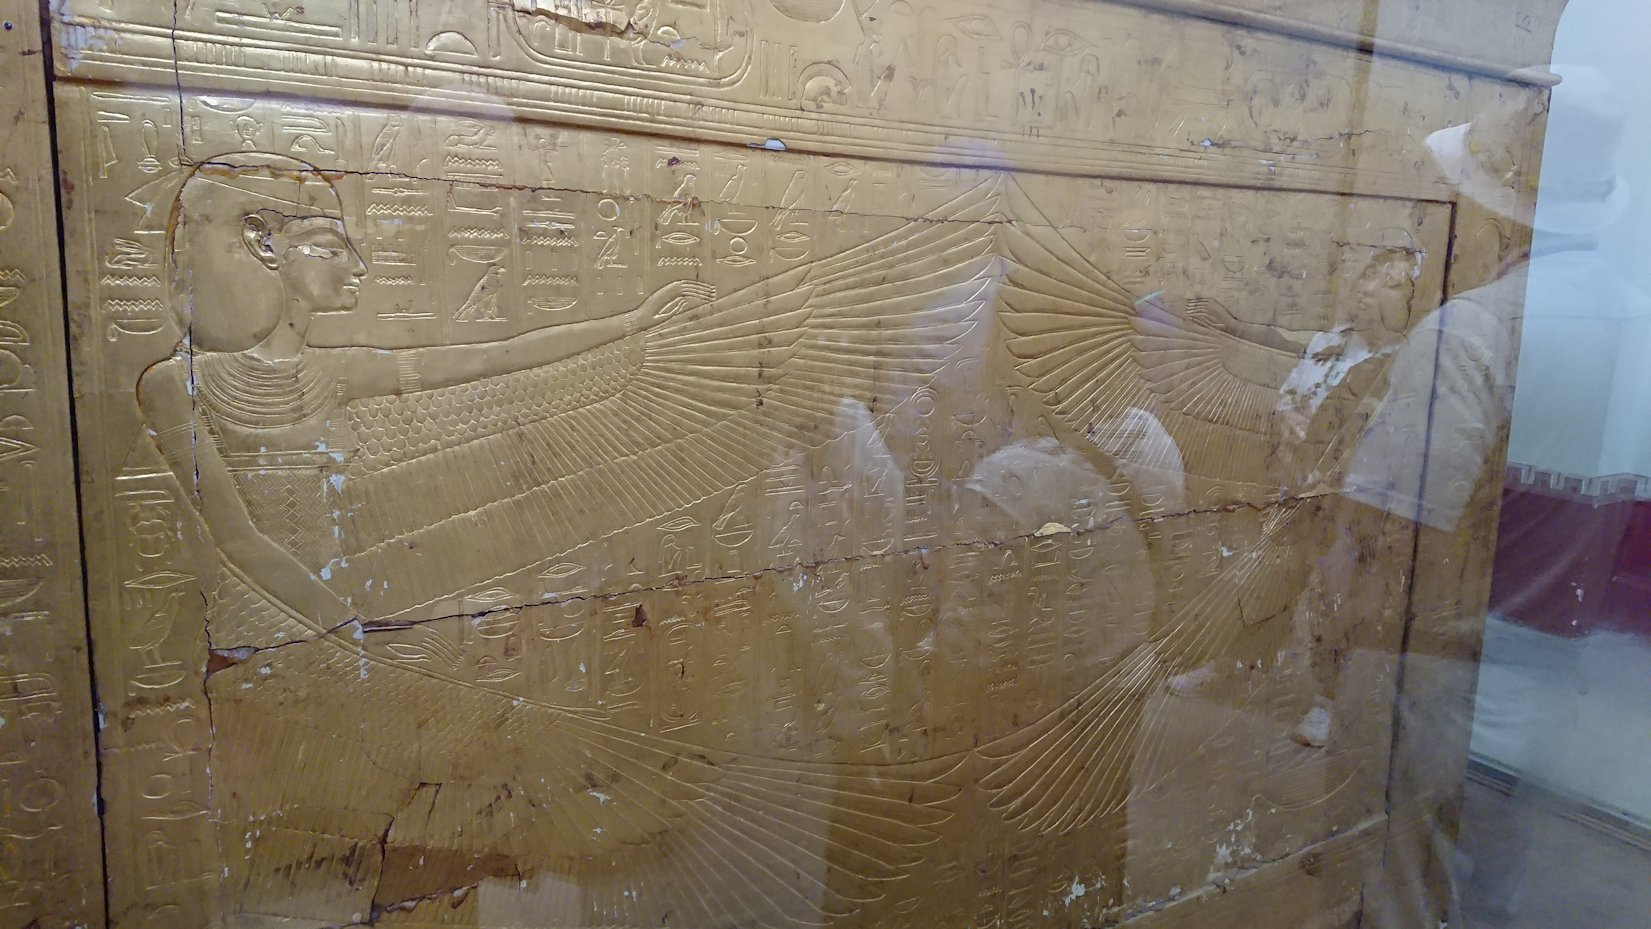 エジプト旅行 ブログ 口コミ カイロ 考古学博物館 ツタンカーメン